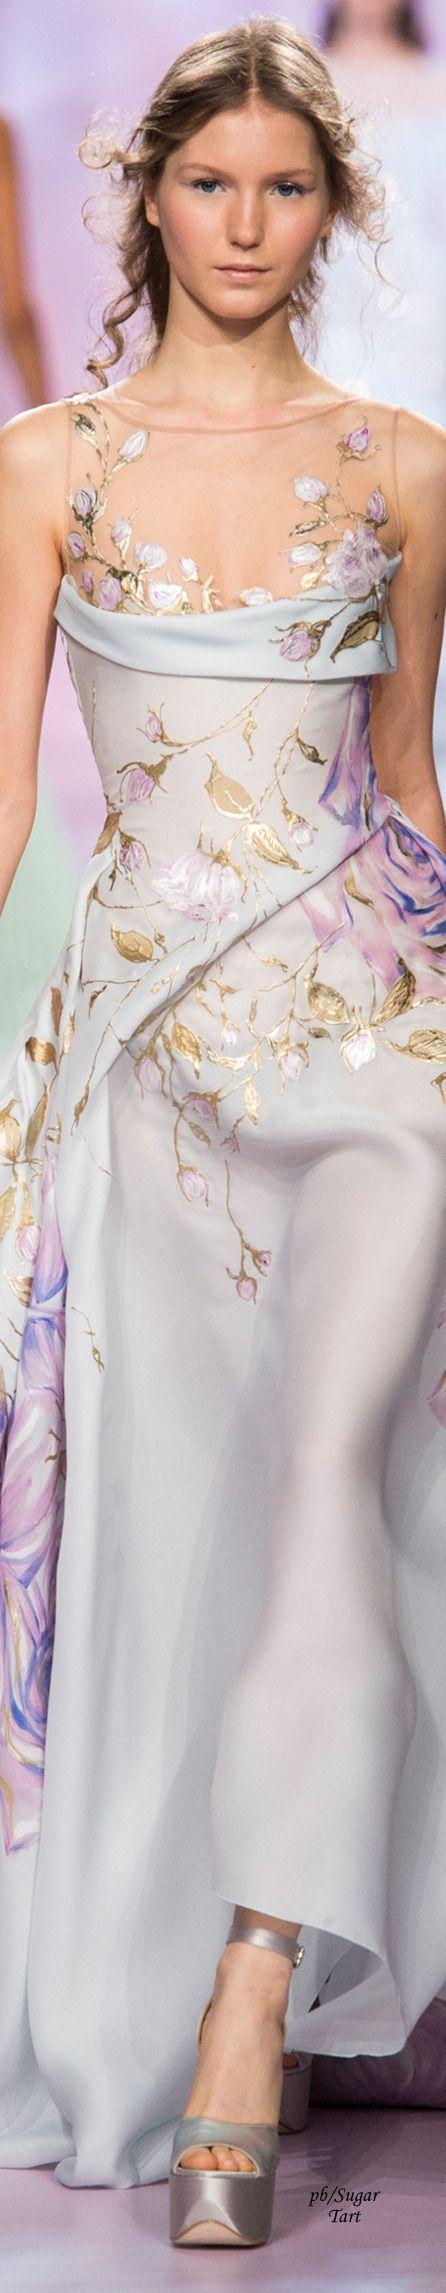 El estilo floral esta de moda esta primavera... Edition by Georges Chakra - Spring 2017 Couture